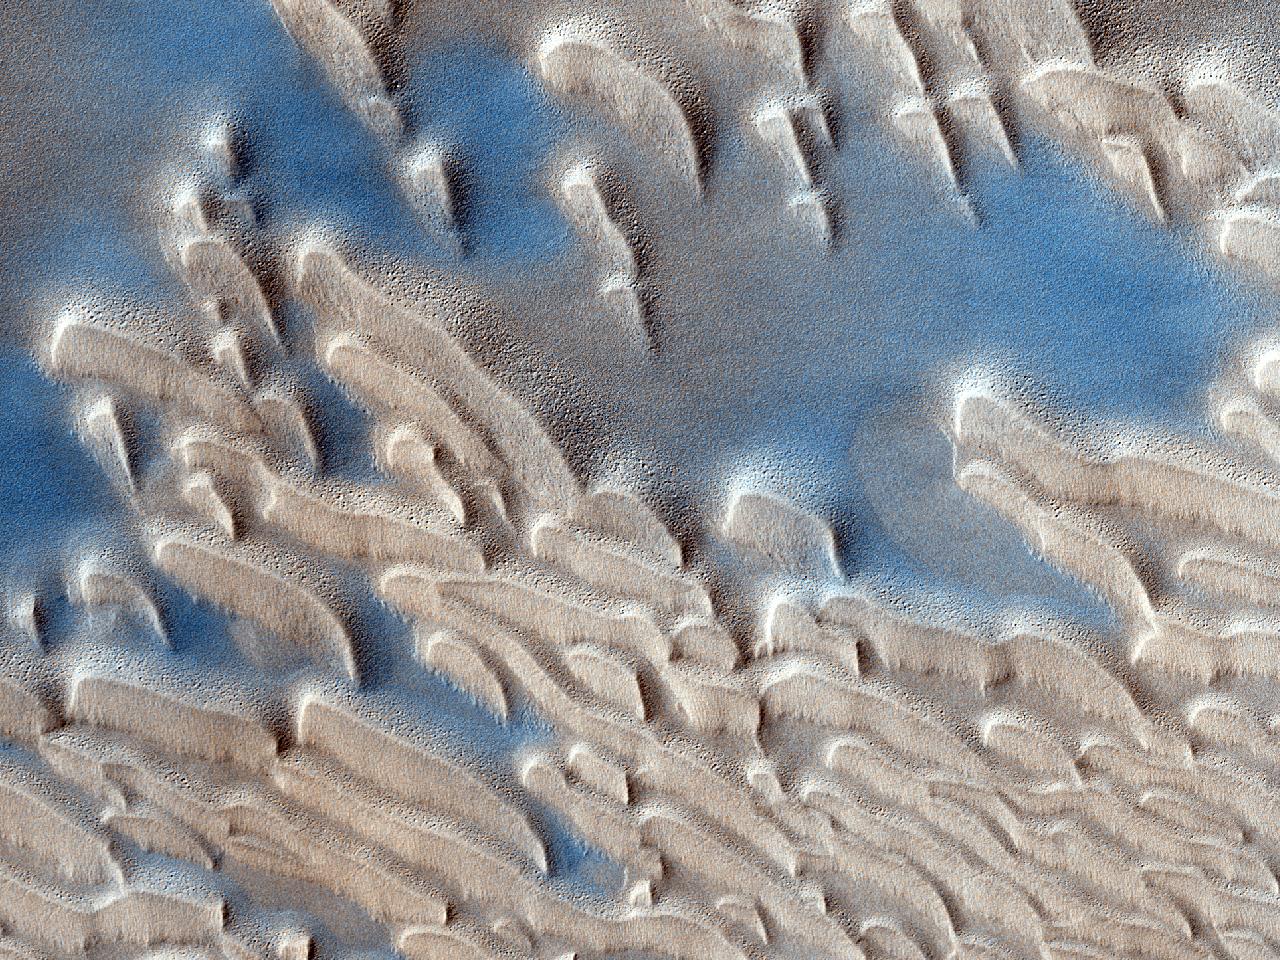 Potențial loc de aterizare în Oxia Palus pentru Misiunea ExoMars